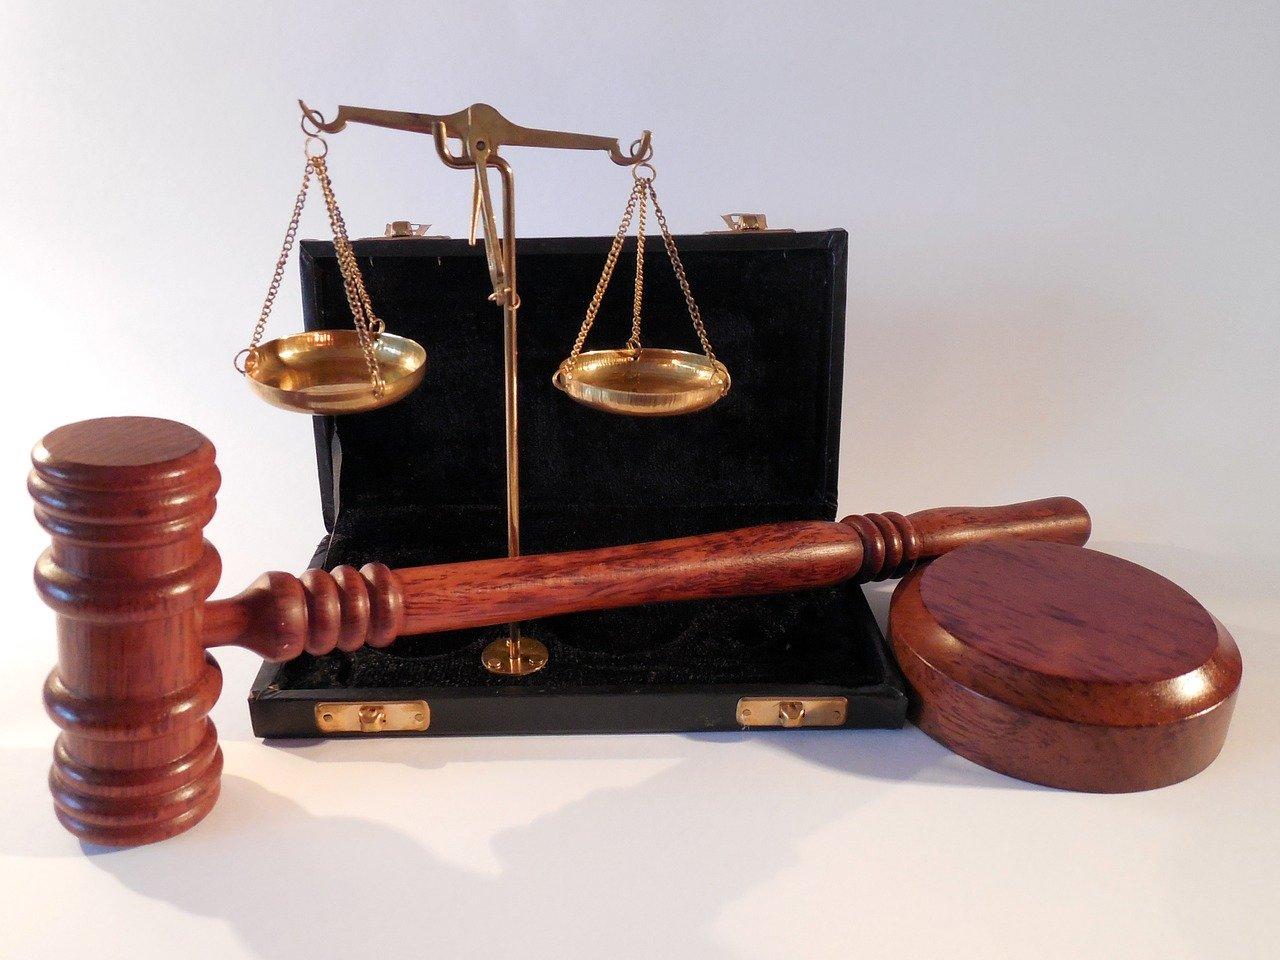 Frode informatica cos'è, come si manifesta e quand'è reato